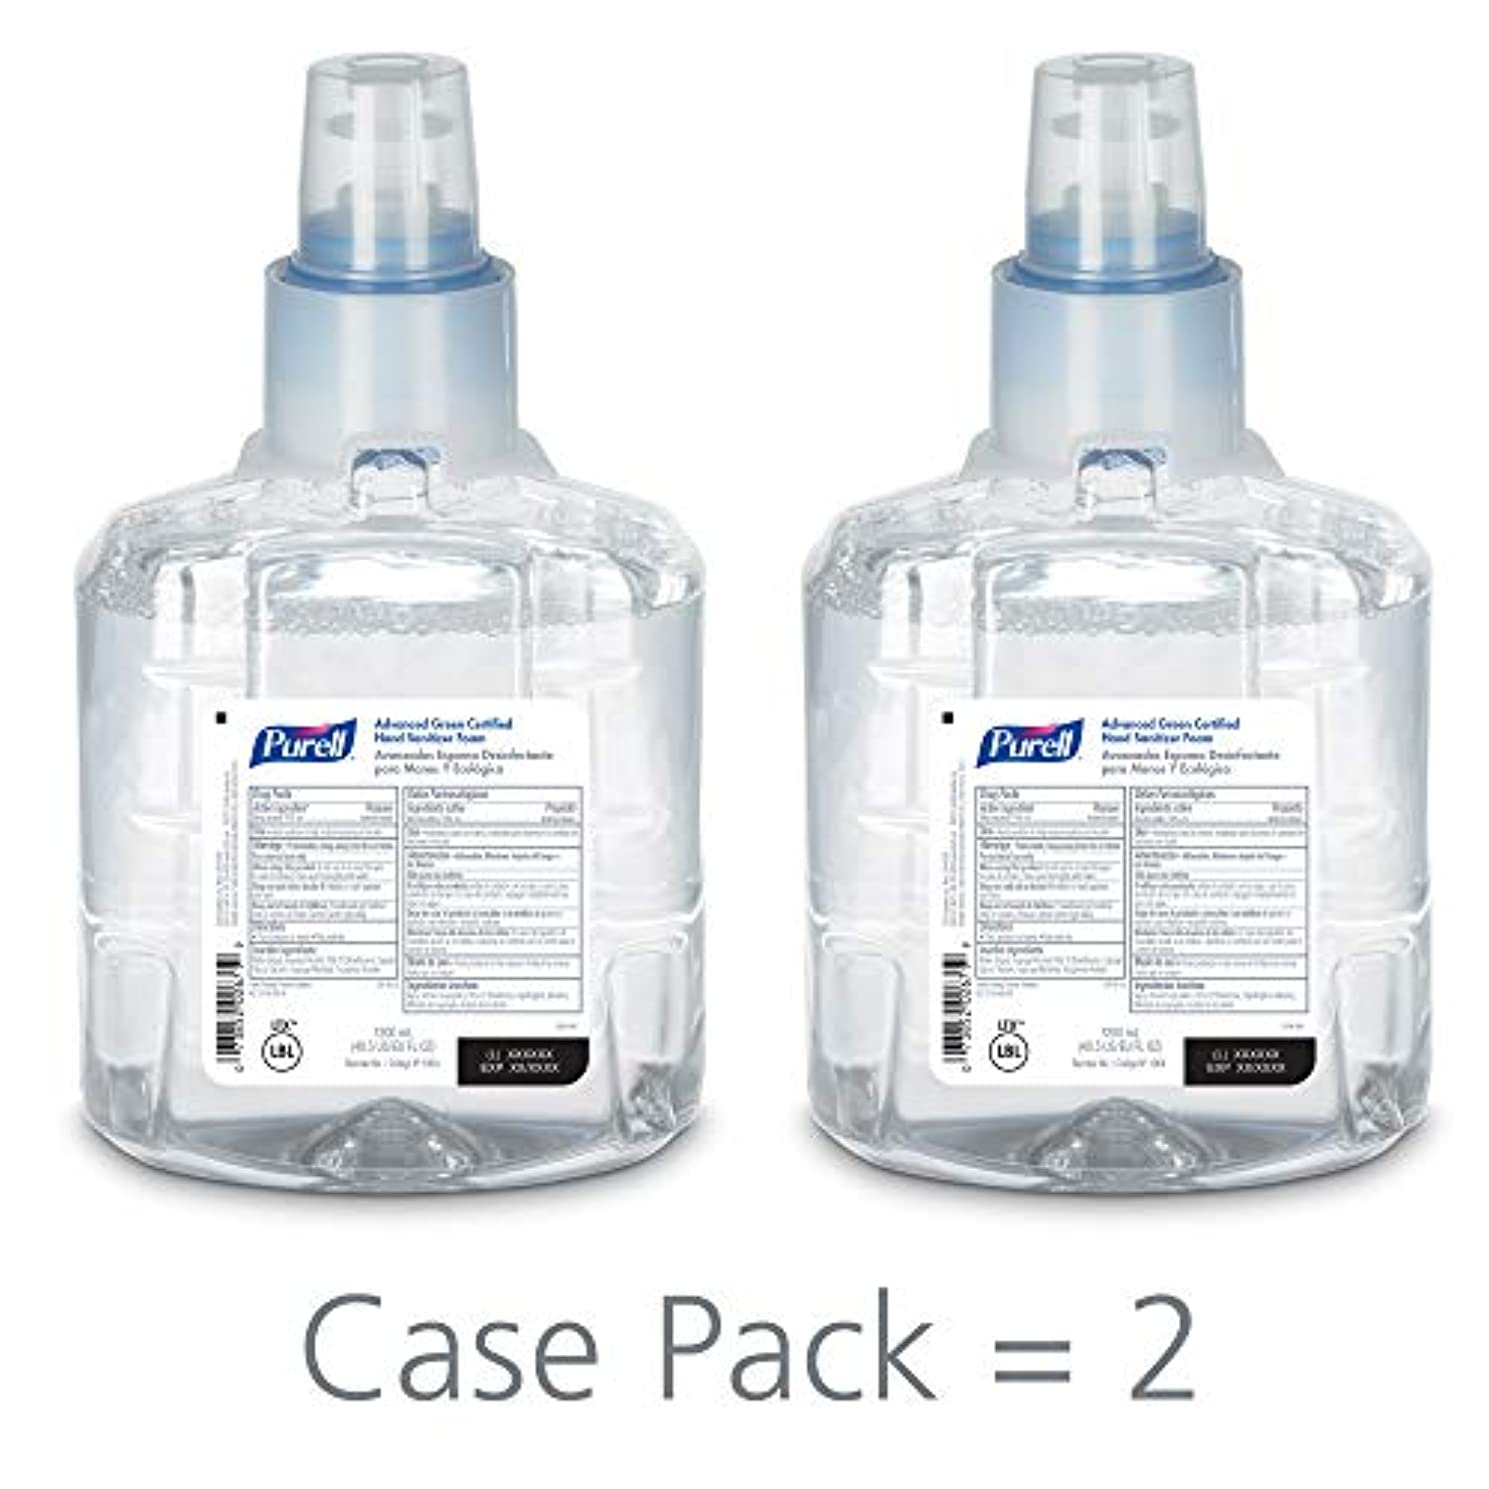 気になるニッケル祖母PURELL 1904-02 1200 mL Advanced Green Certified Instant Hand Sanitizer Foam, LTX-12 Refill (Pack of 2) by Purell